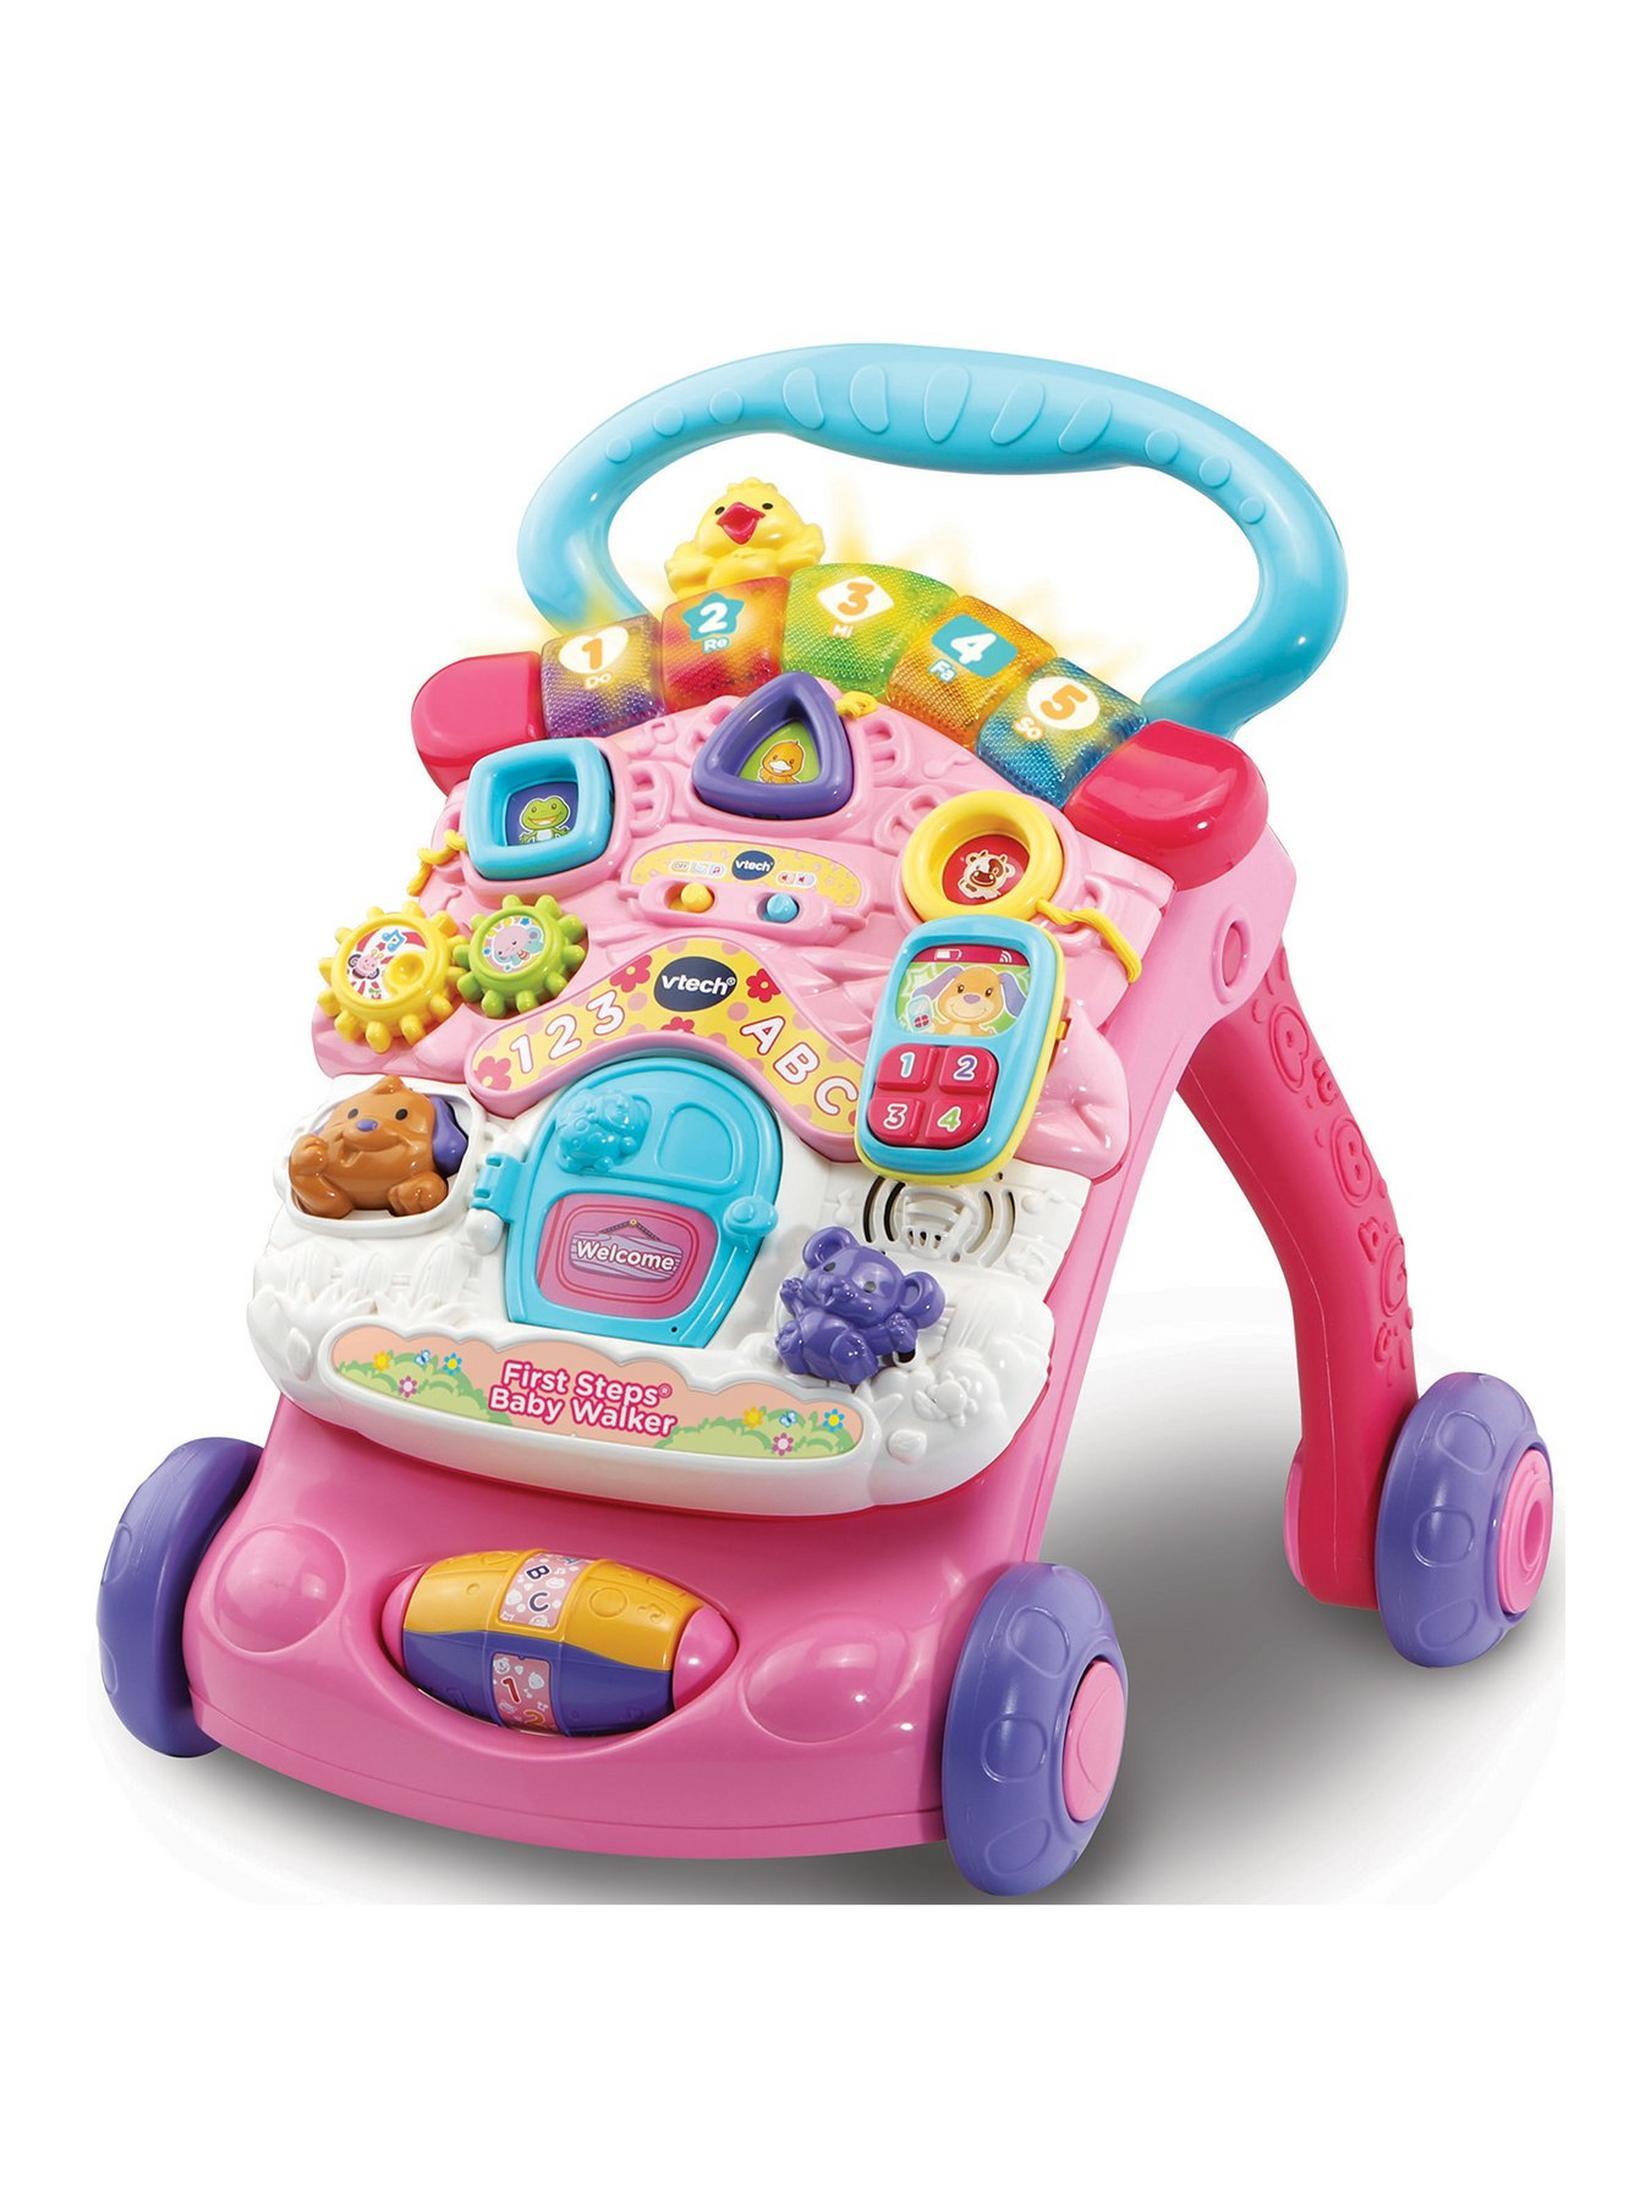 VTech First Steps Baby Walker (pink version) for £23.98 delivered @ Very